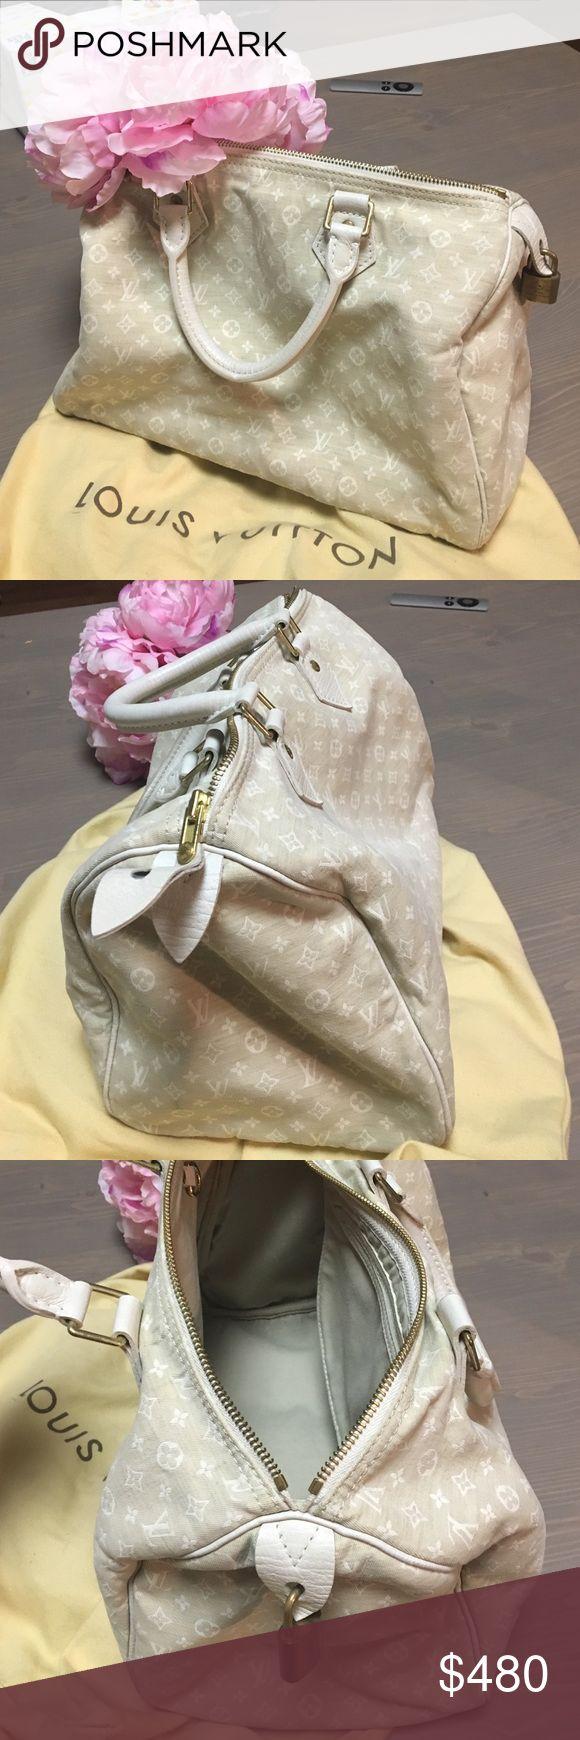 Louis Vuiton classic speedy bag, white cotton Louis Vuiton classic speedy bag, white cotton. Good condition. Louis Vuitton Bags Totes